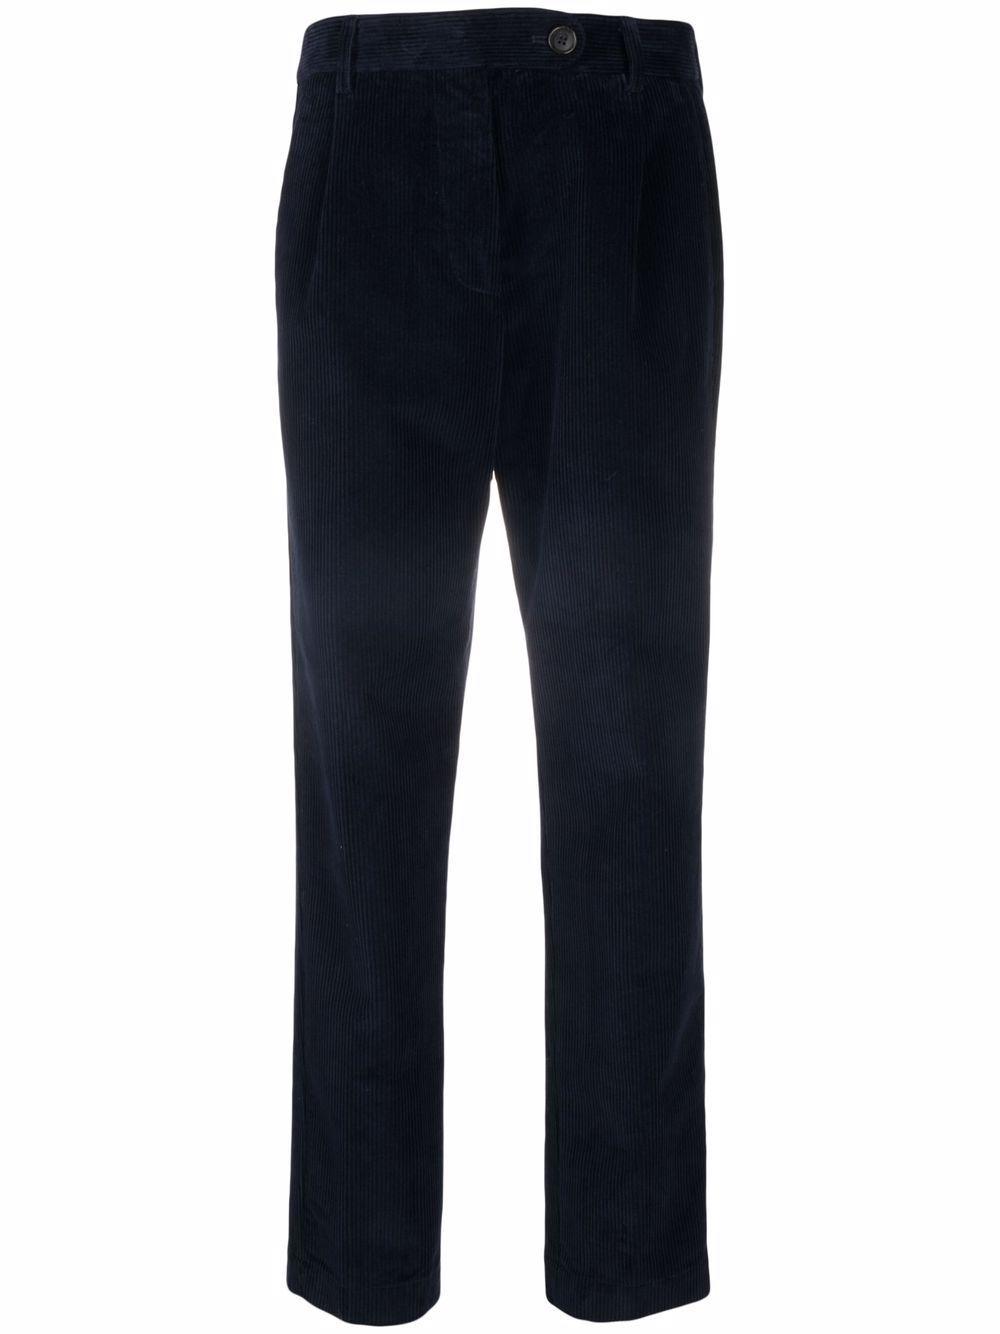 Pantalone claudie in cotone